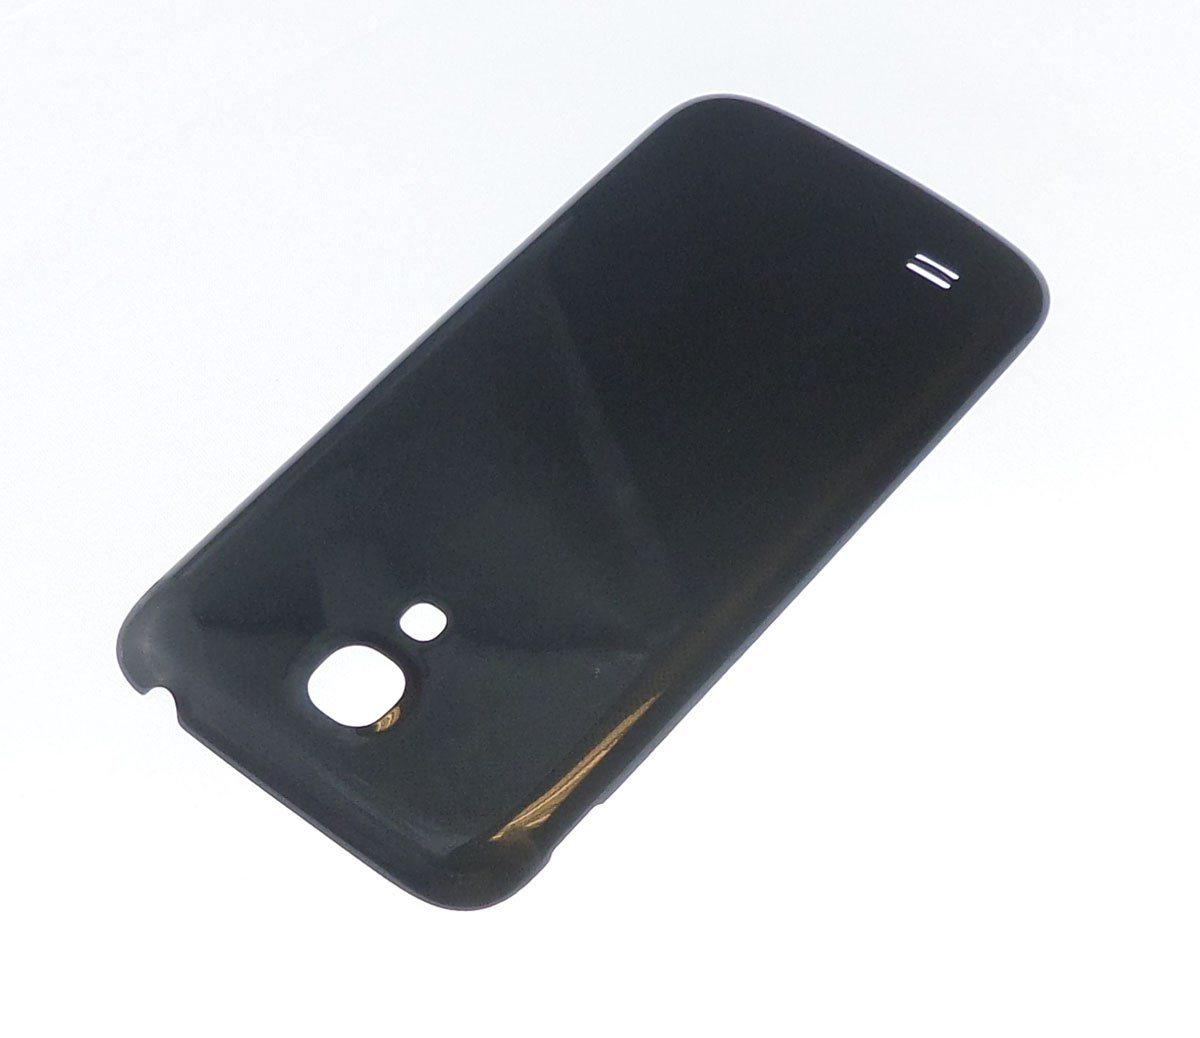 Cache arrière compatible cache batterie Bleu pour Samsung Galaxy S4 mini I9190 I9195